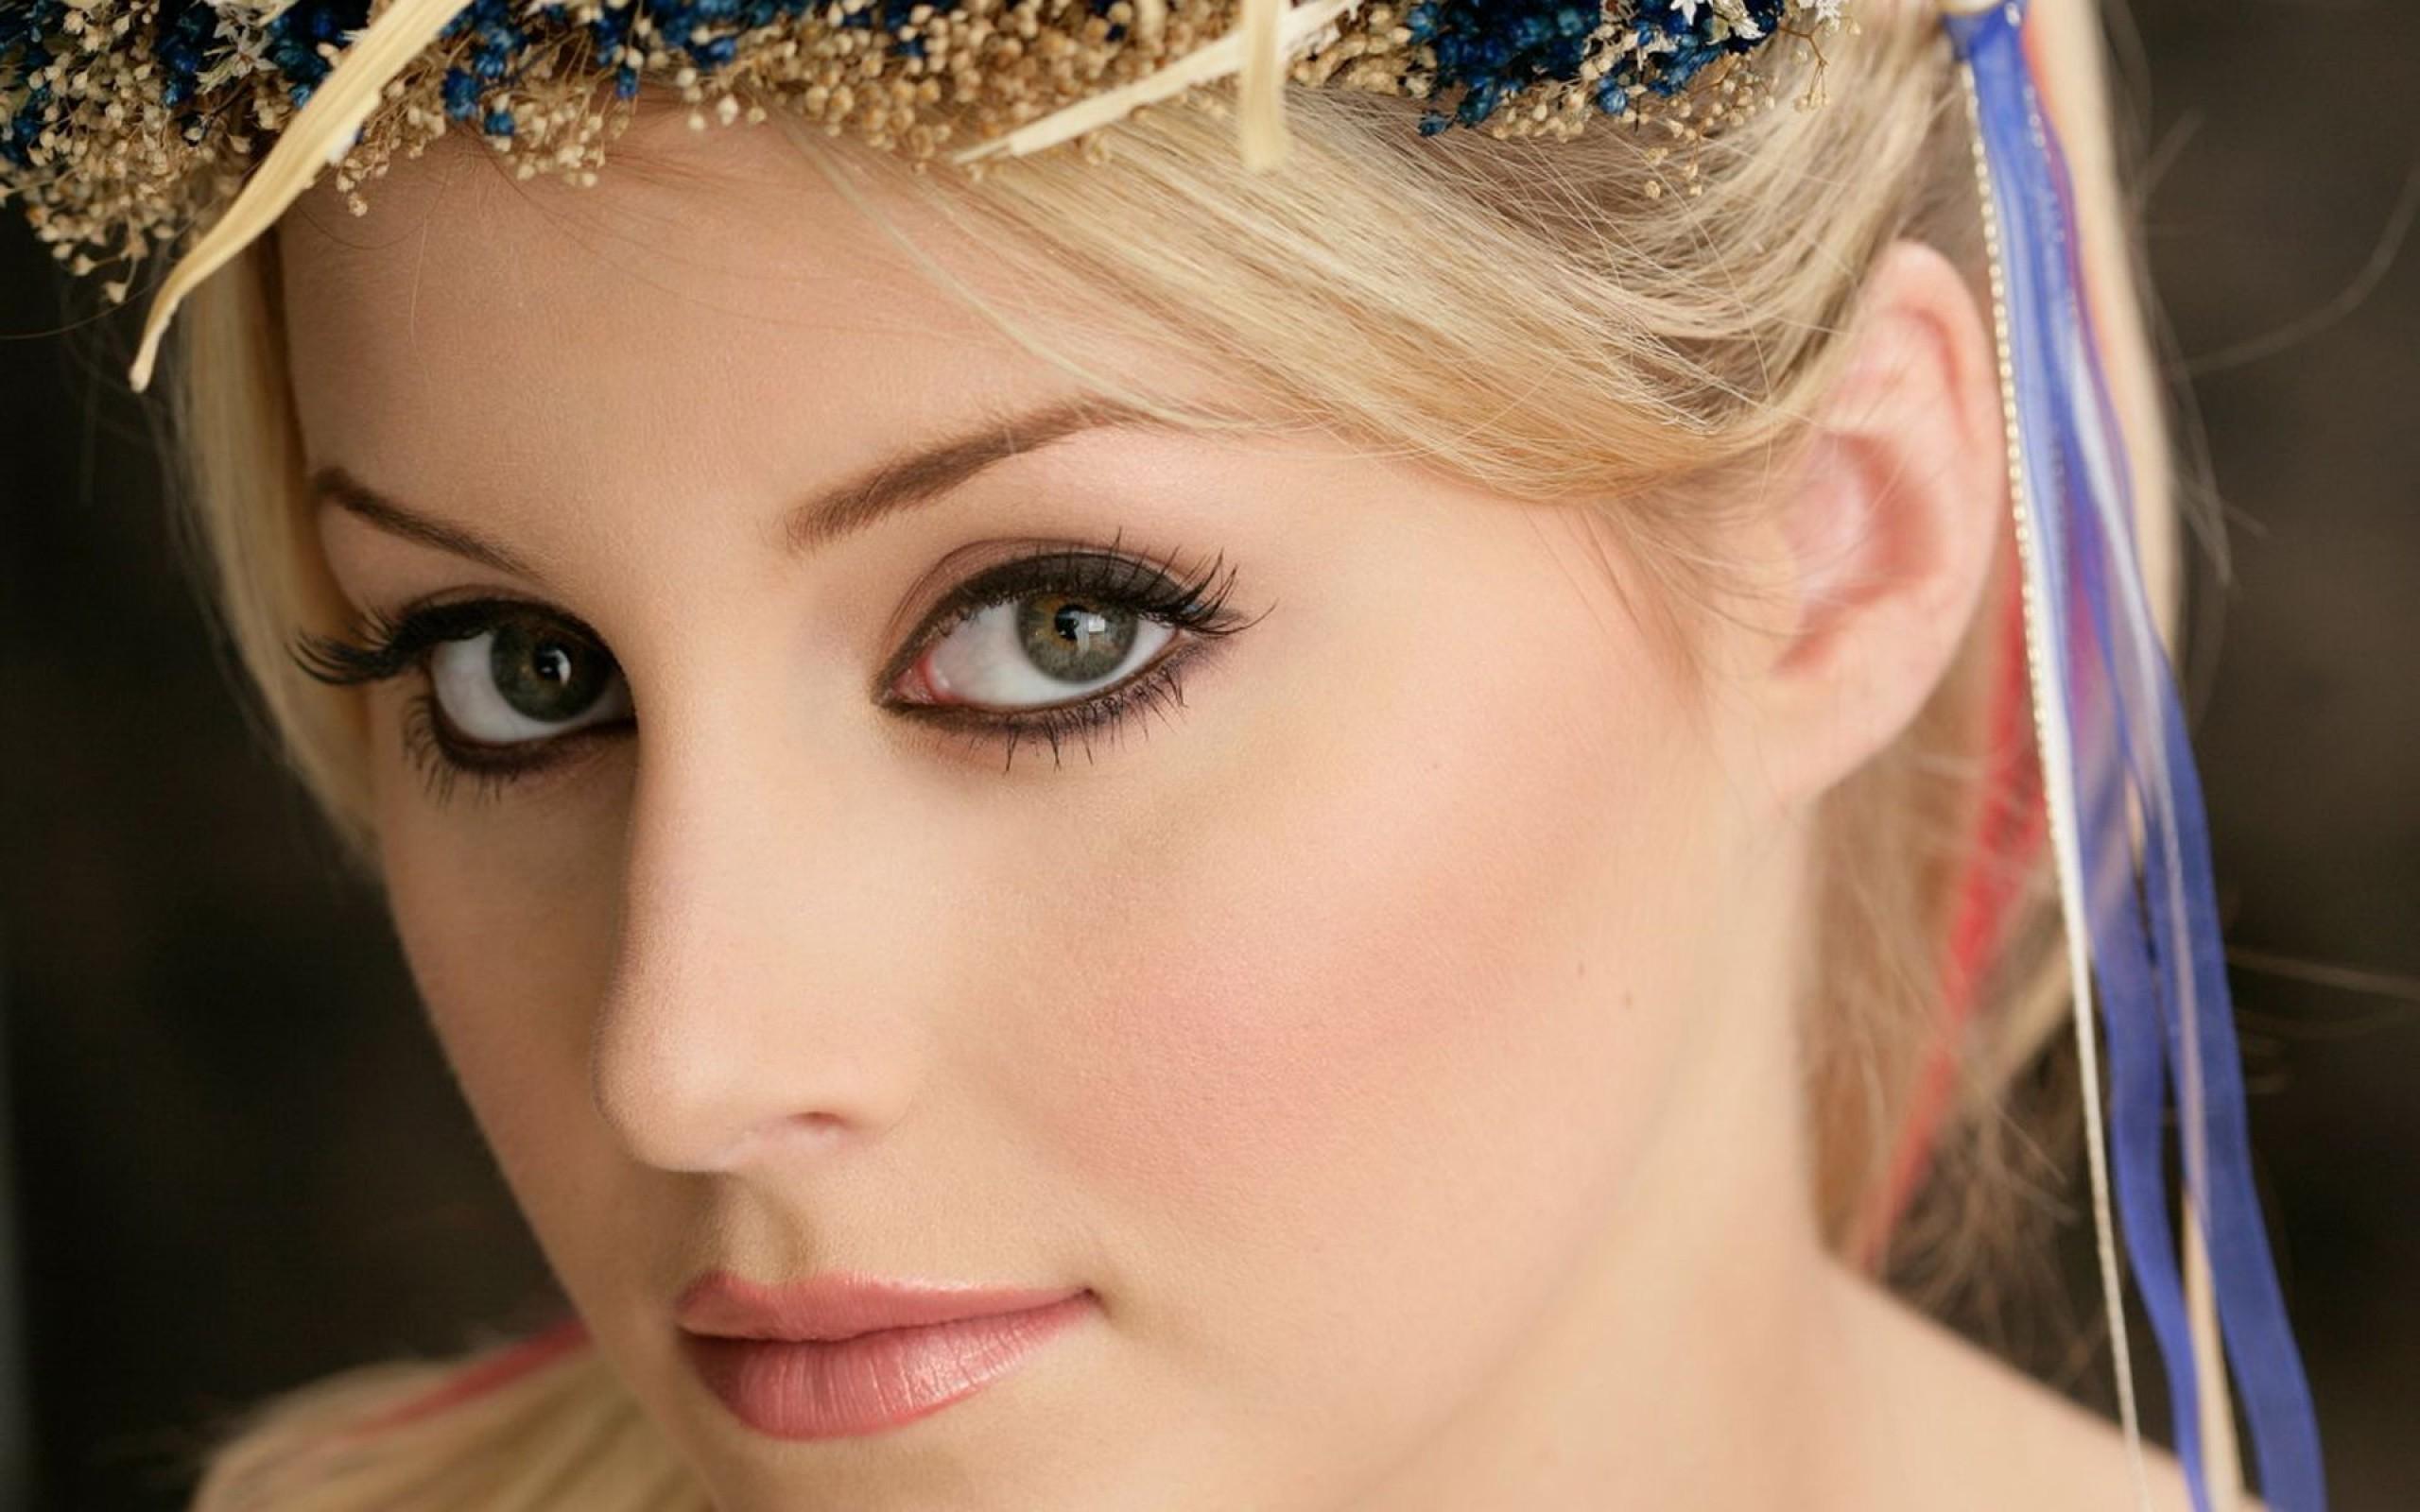 Compte à rebours  Girls___Beautyful_Girls___Nice_eyes_041272_